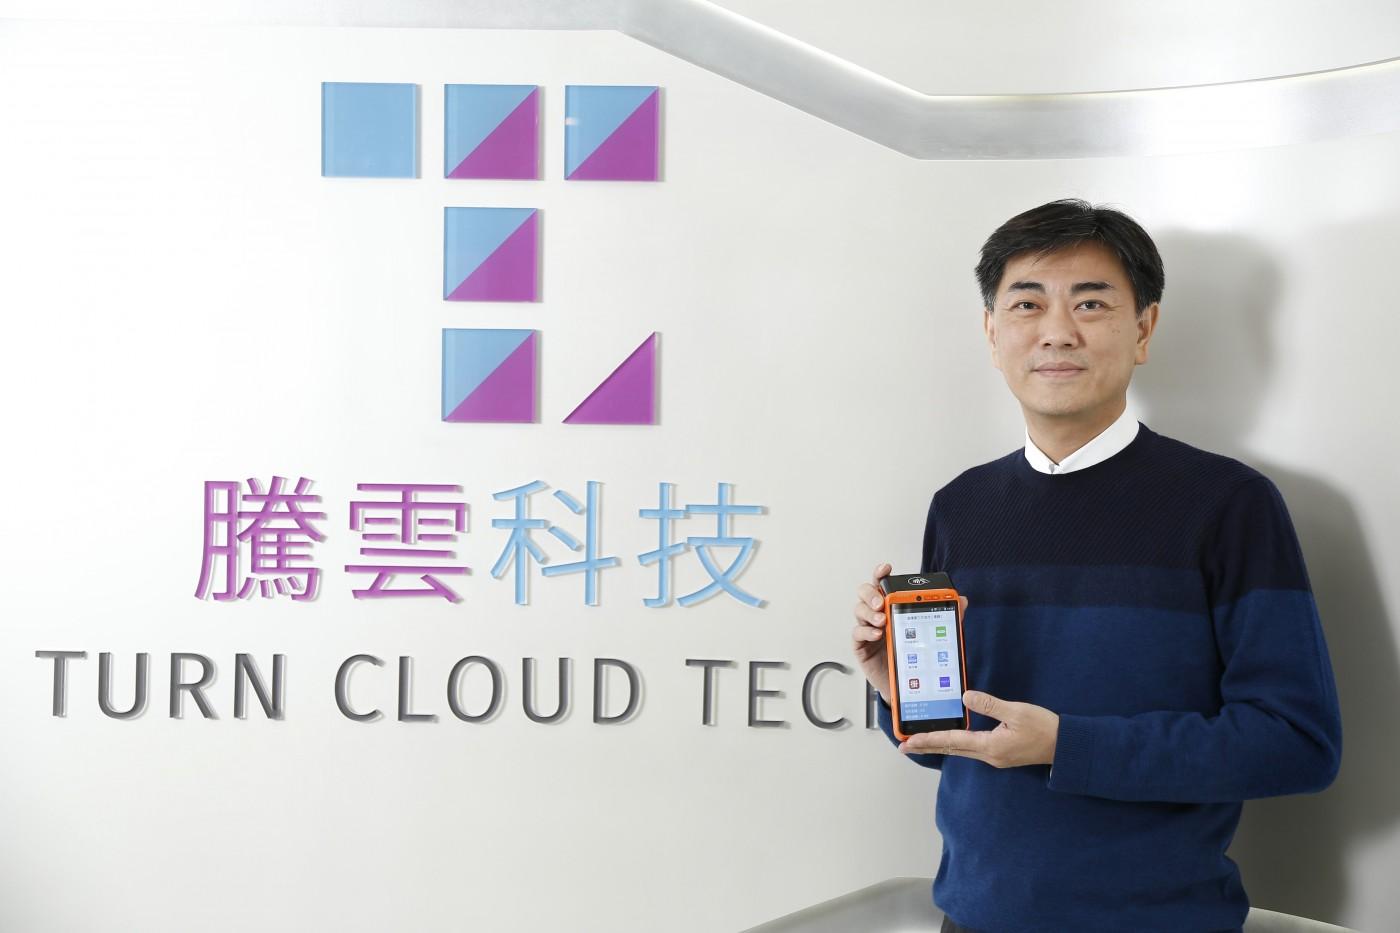 騰雲科技「新零售應用方案」,全方位滿足商家智慧化需求